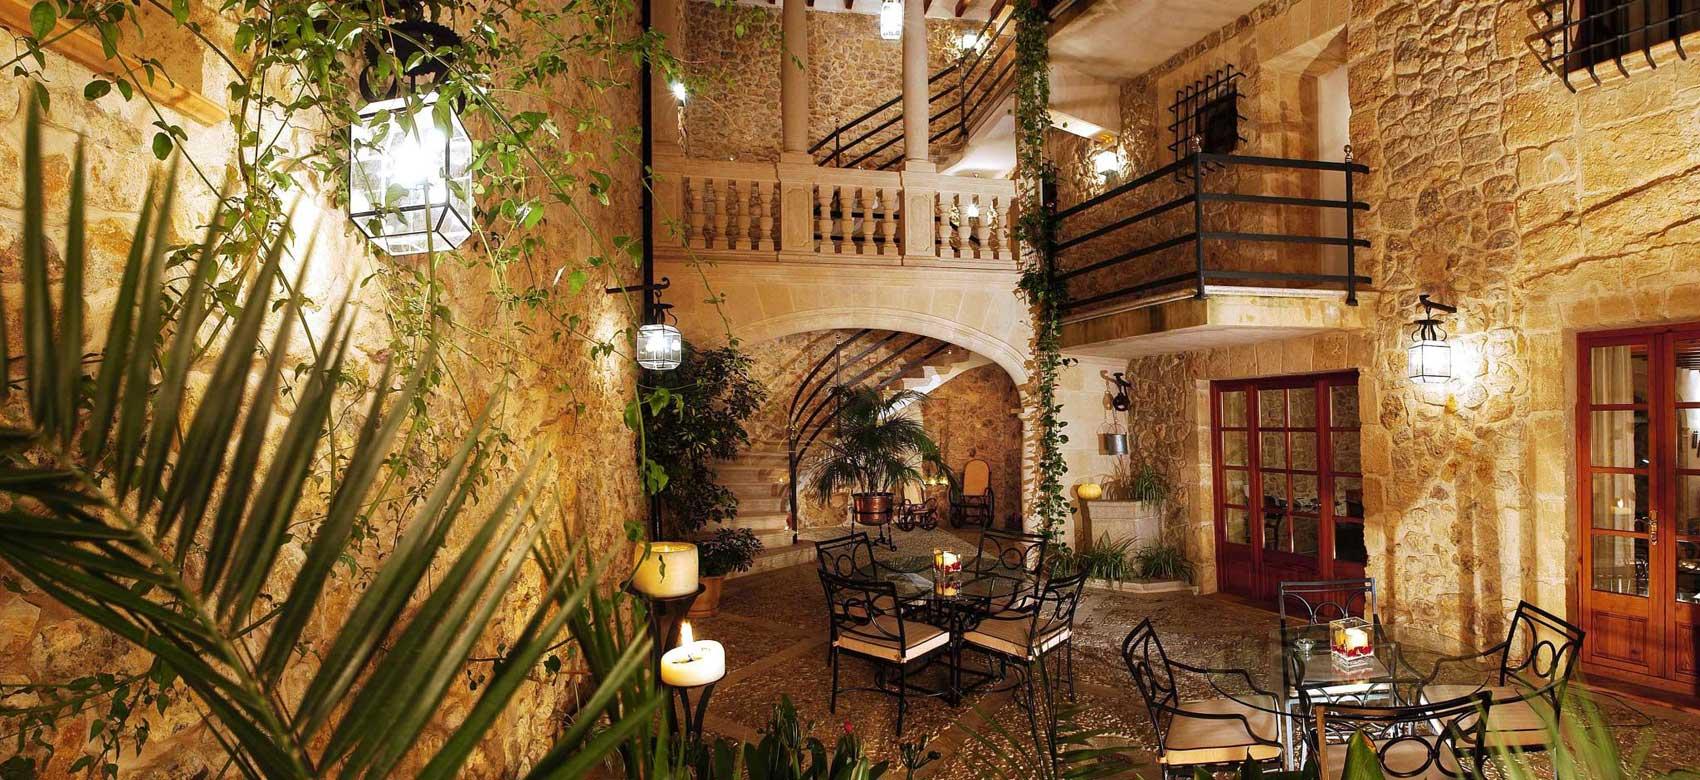 Agroturismos y hoteles rurales en mallorca - Hotel rural en la palma ...